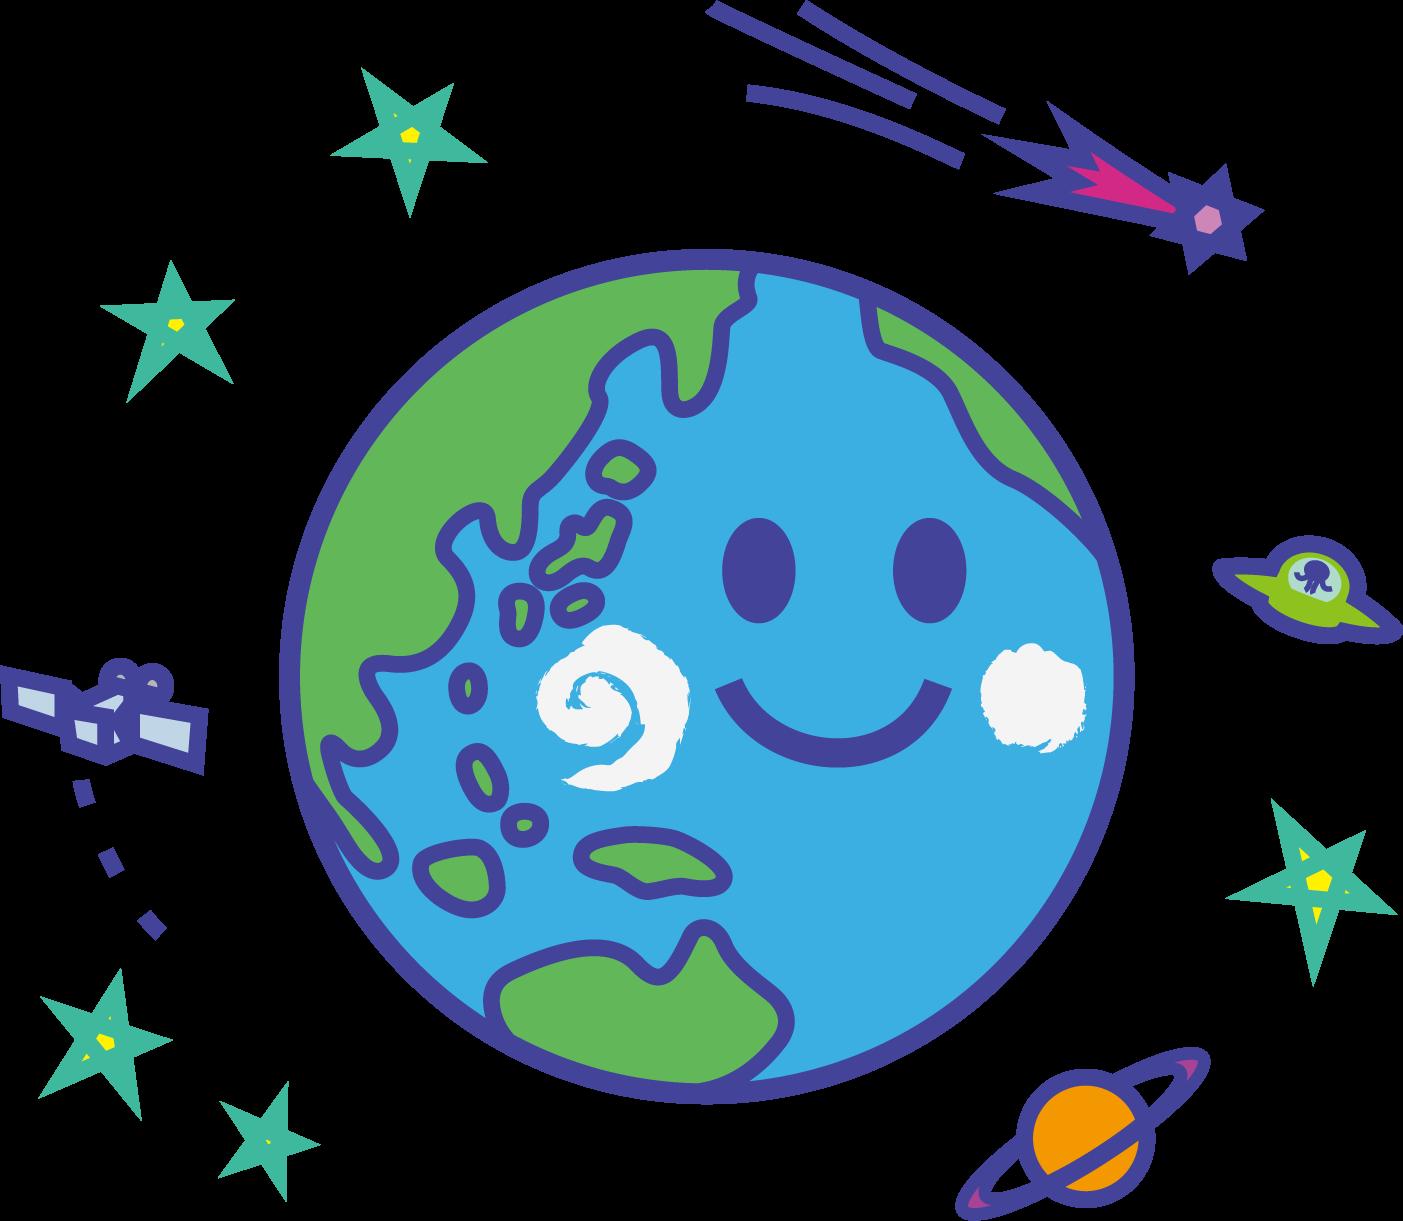 地球のイラスト・顔付き / 元気な緑・環境問題・世界平和の表現